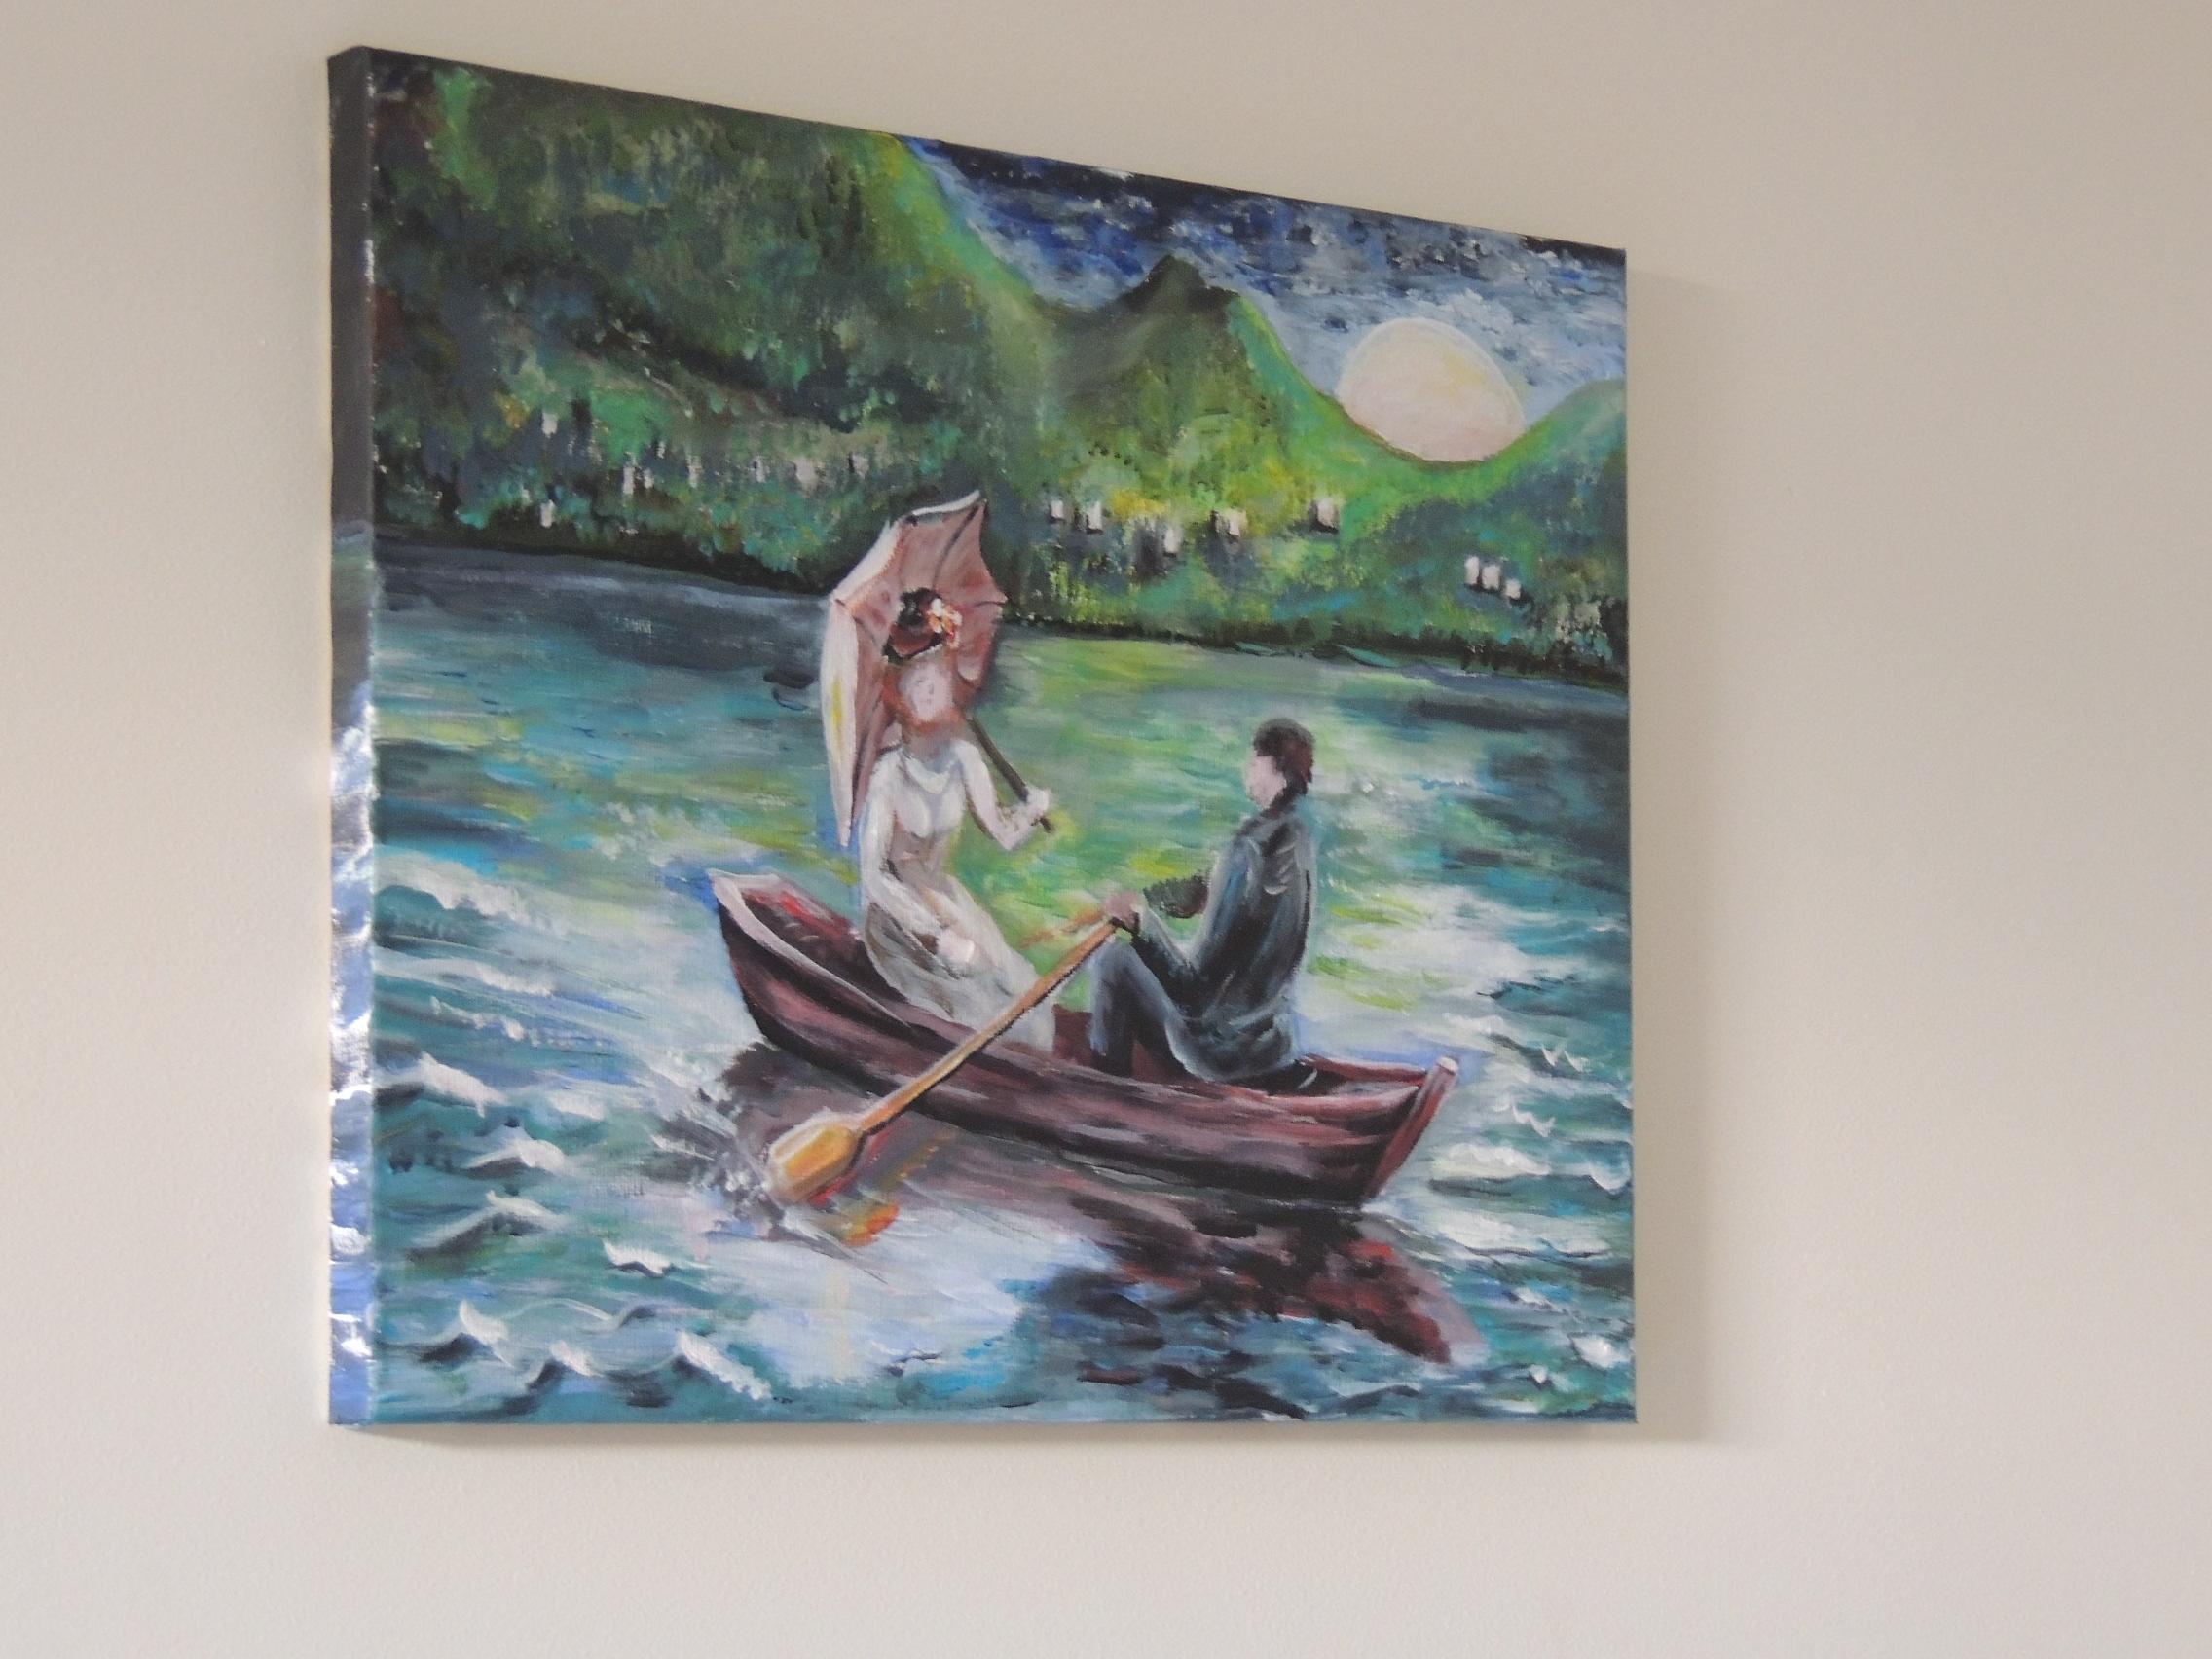 Les meilleurs conseils pour réussir la vente de ses tableaux et œuvres d'art